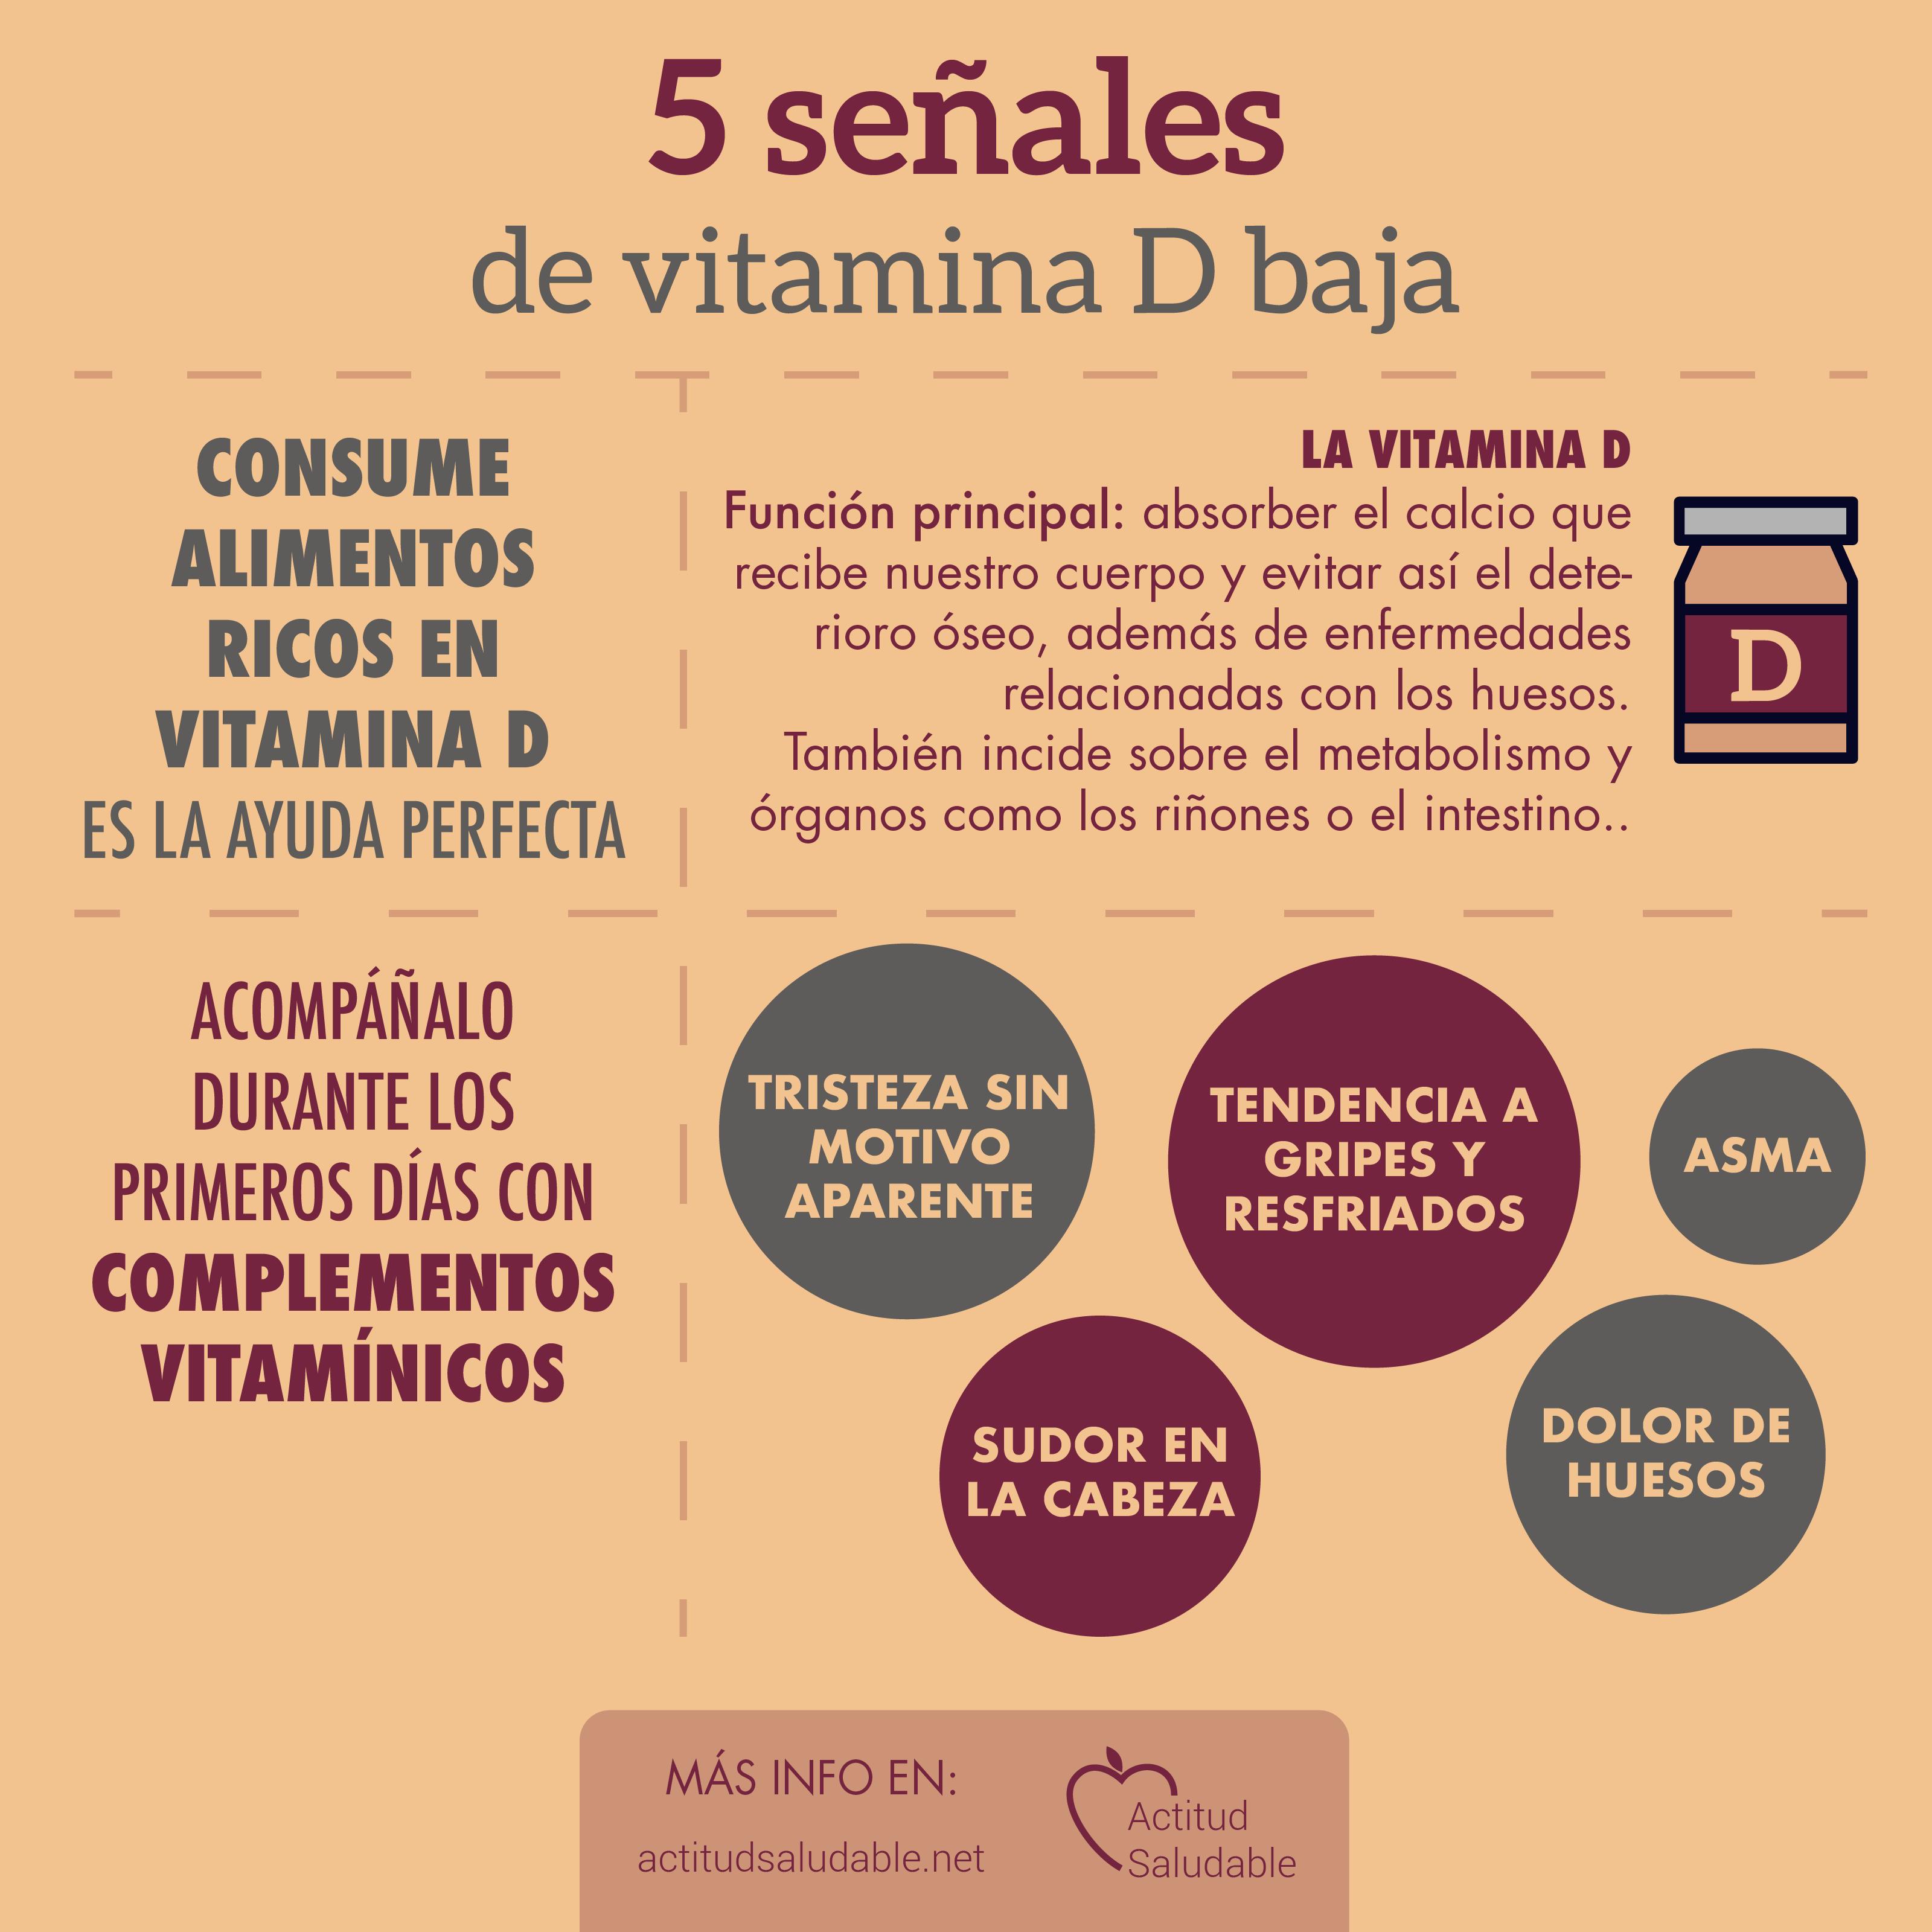 5 señales que te alertan de tener la Vitamina D baja